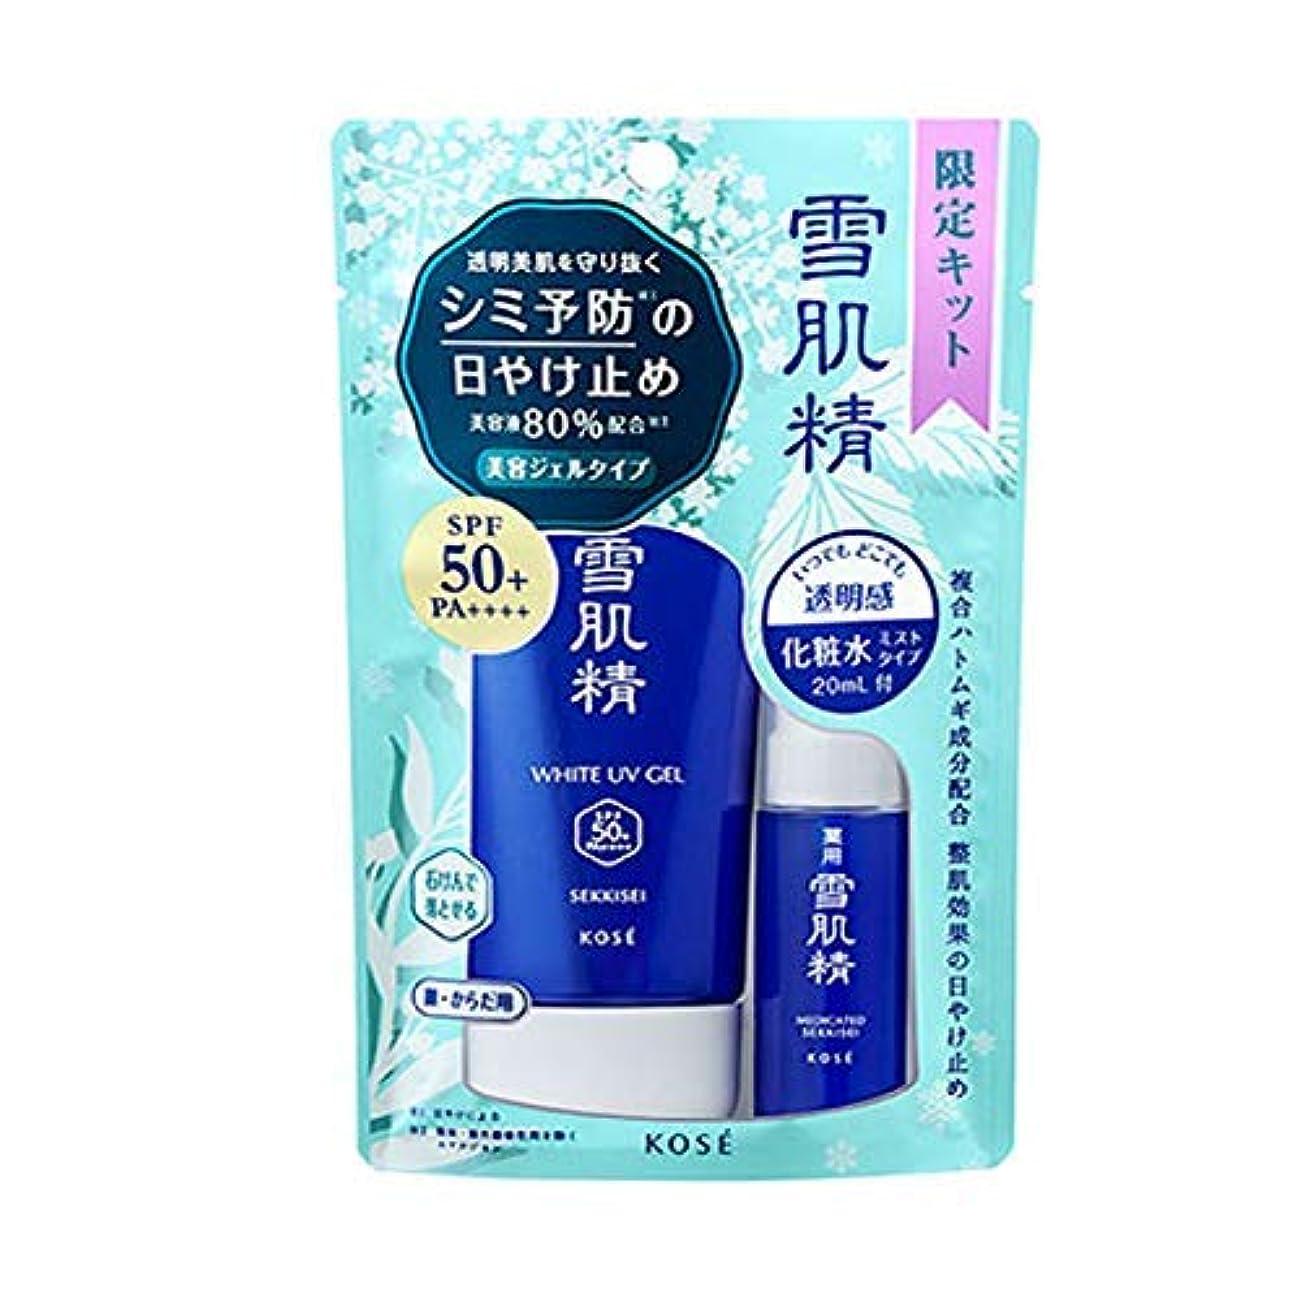 意図的可愛いパンダ☆限定品☆ コーセー KOSE 雪肌精 ホワイト UV ジェル キット